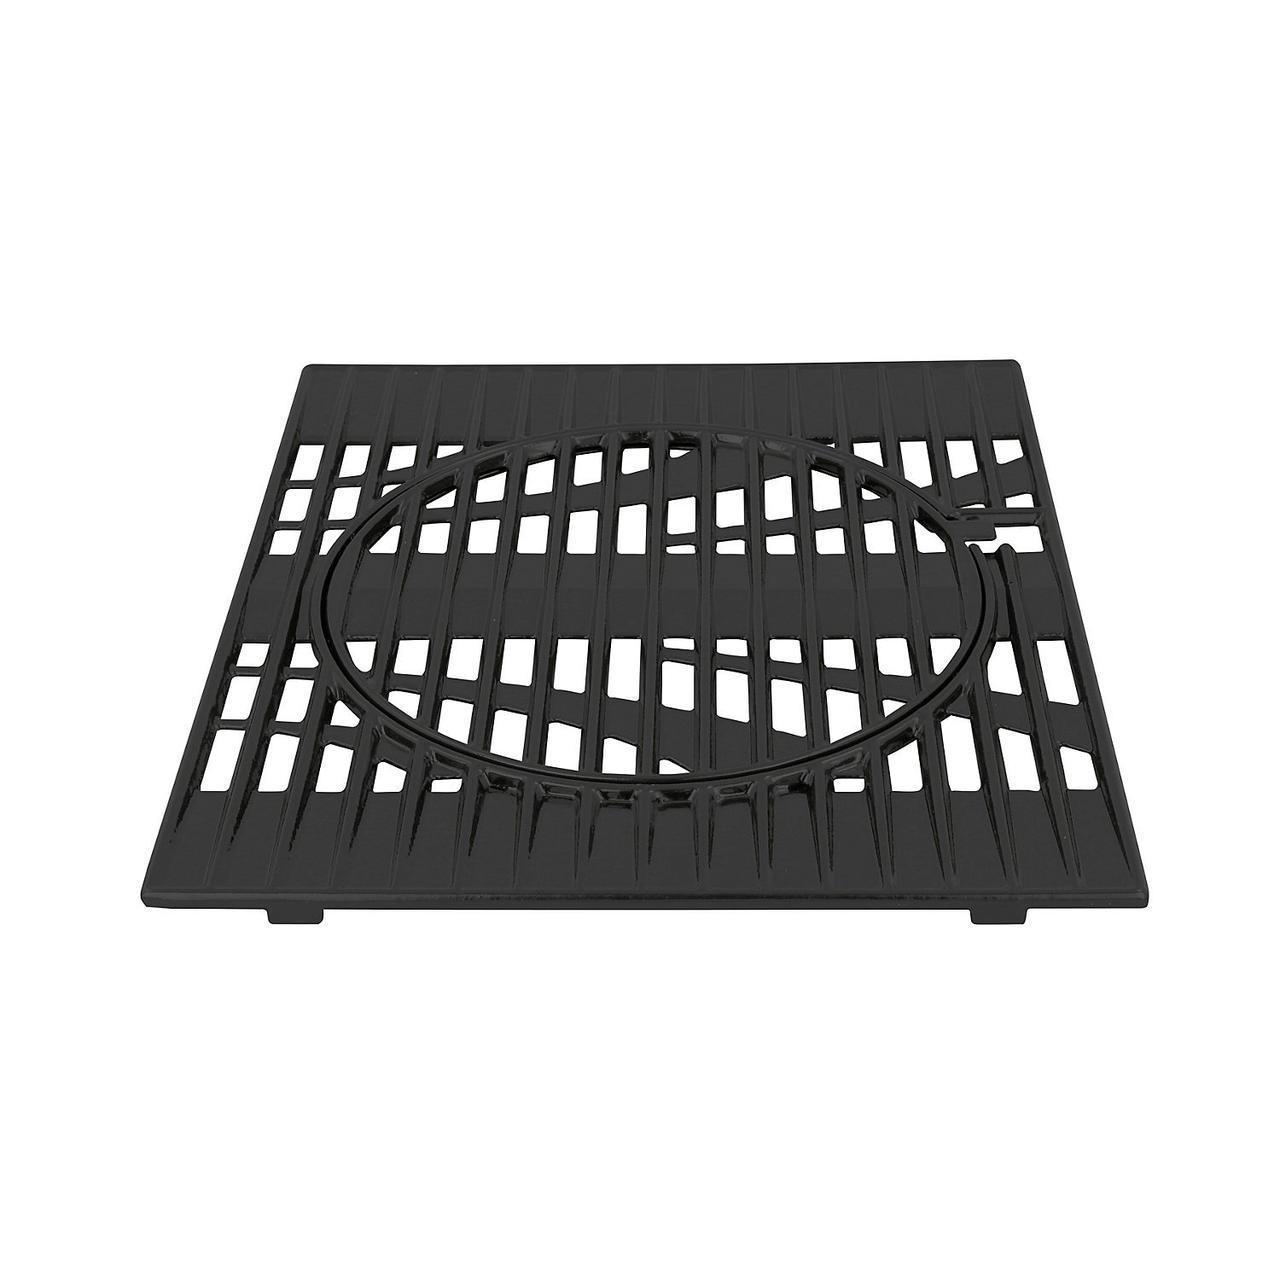 Решетка для гриля - Campingaz Culinary Modular Basis